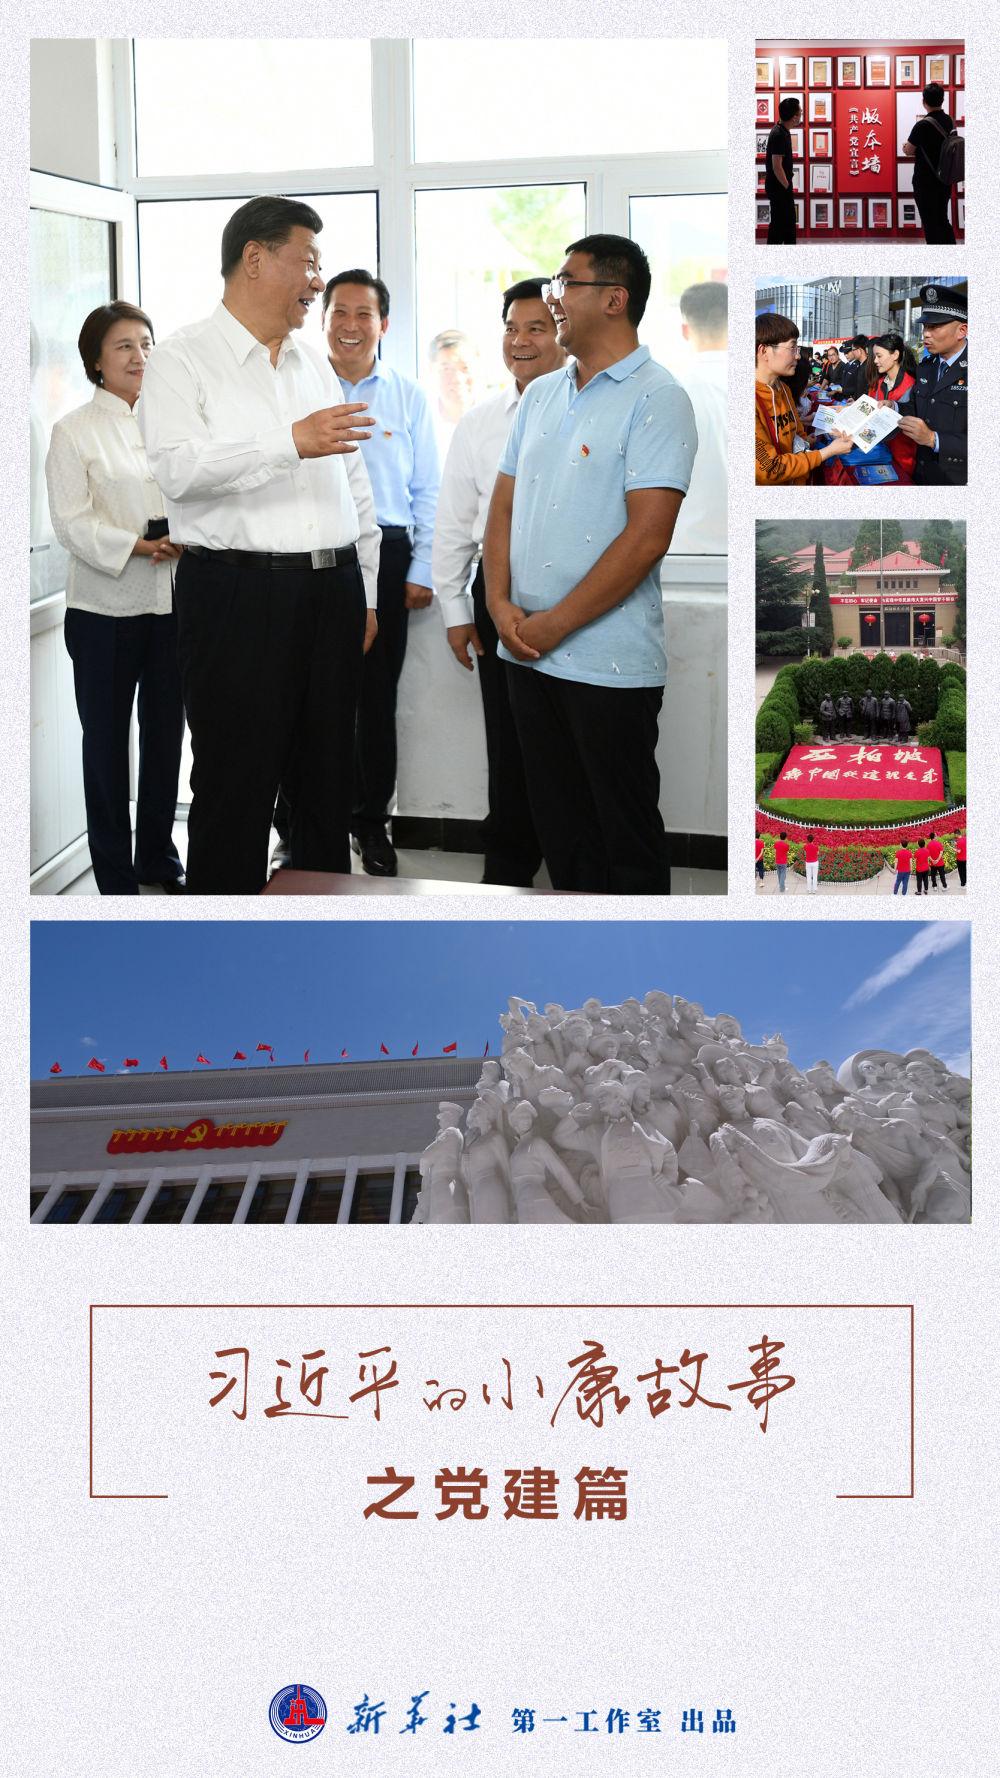 习近平的小康故事丨为了海晏河清、朗朗乾坤